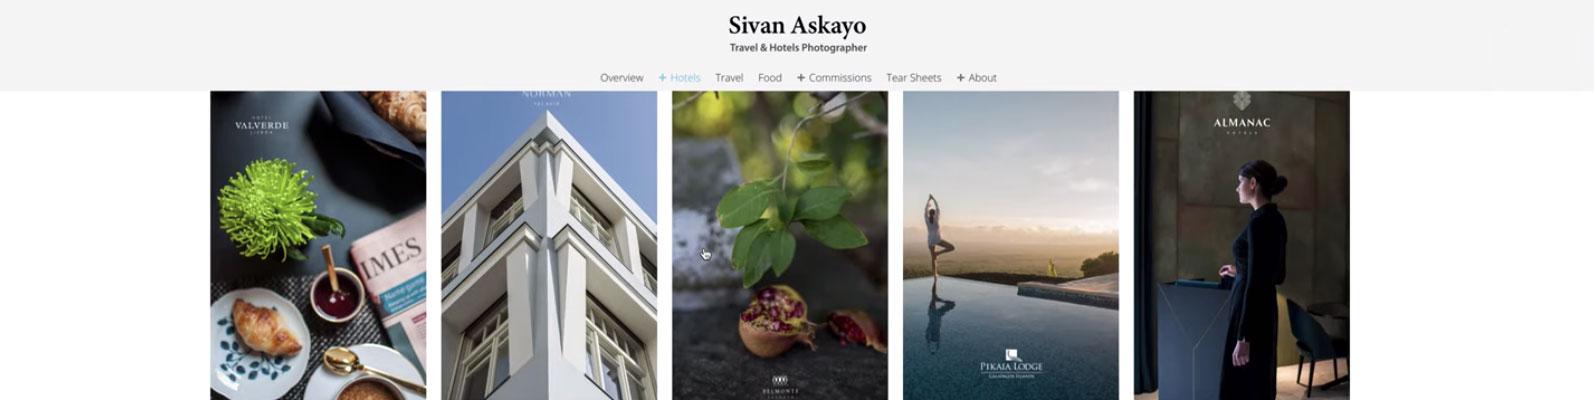 A look at Sivan Askayo's portfolio website